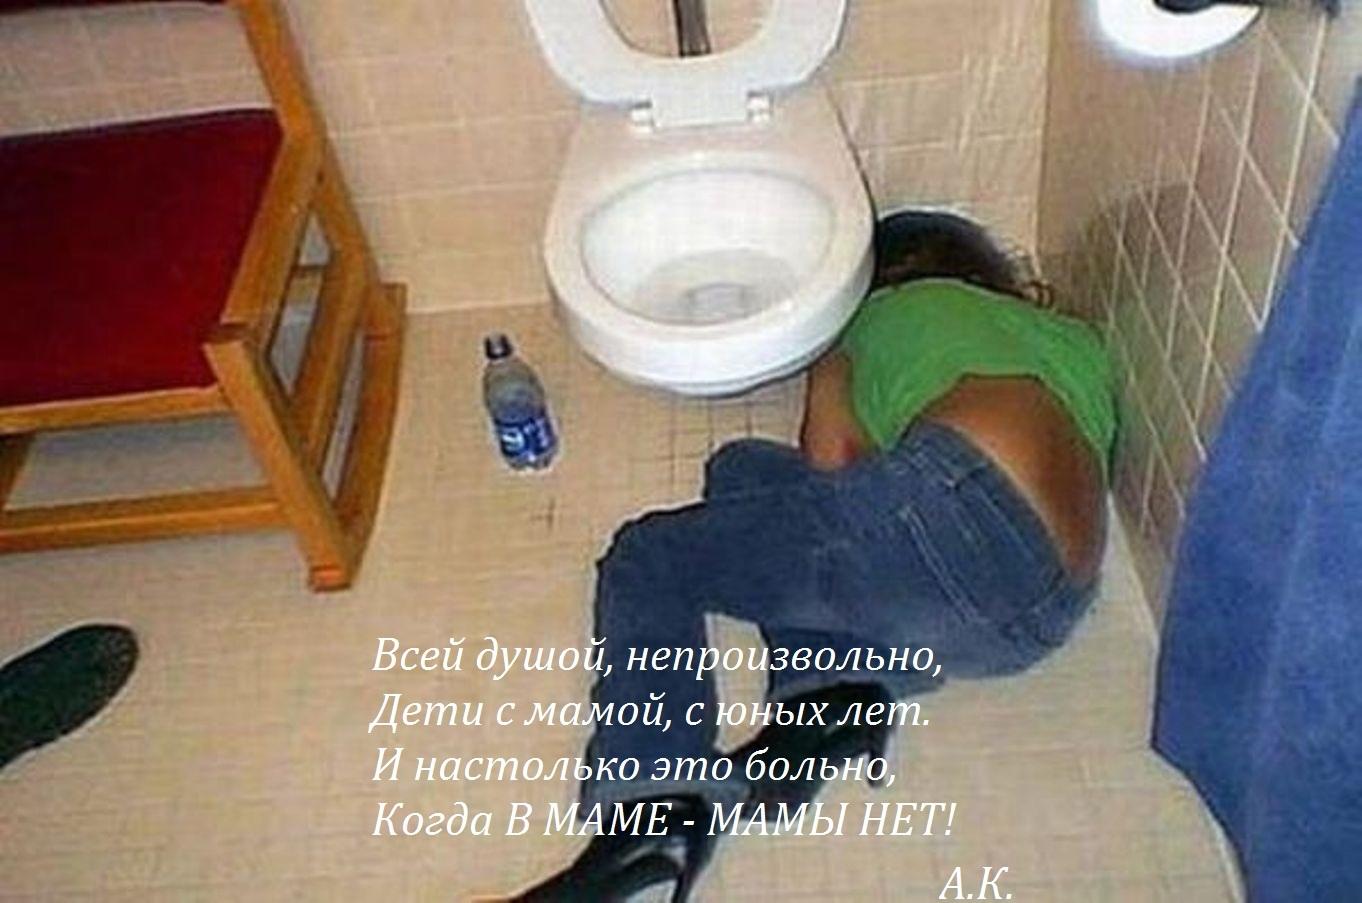 Пьяная баба себе не товарищ 6 фотография